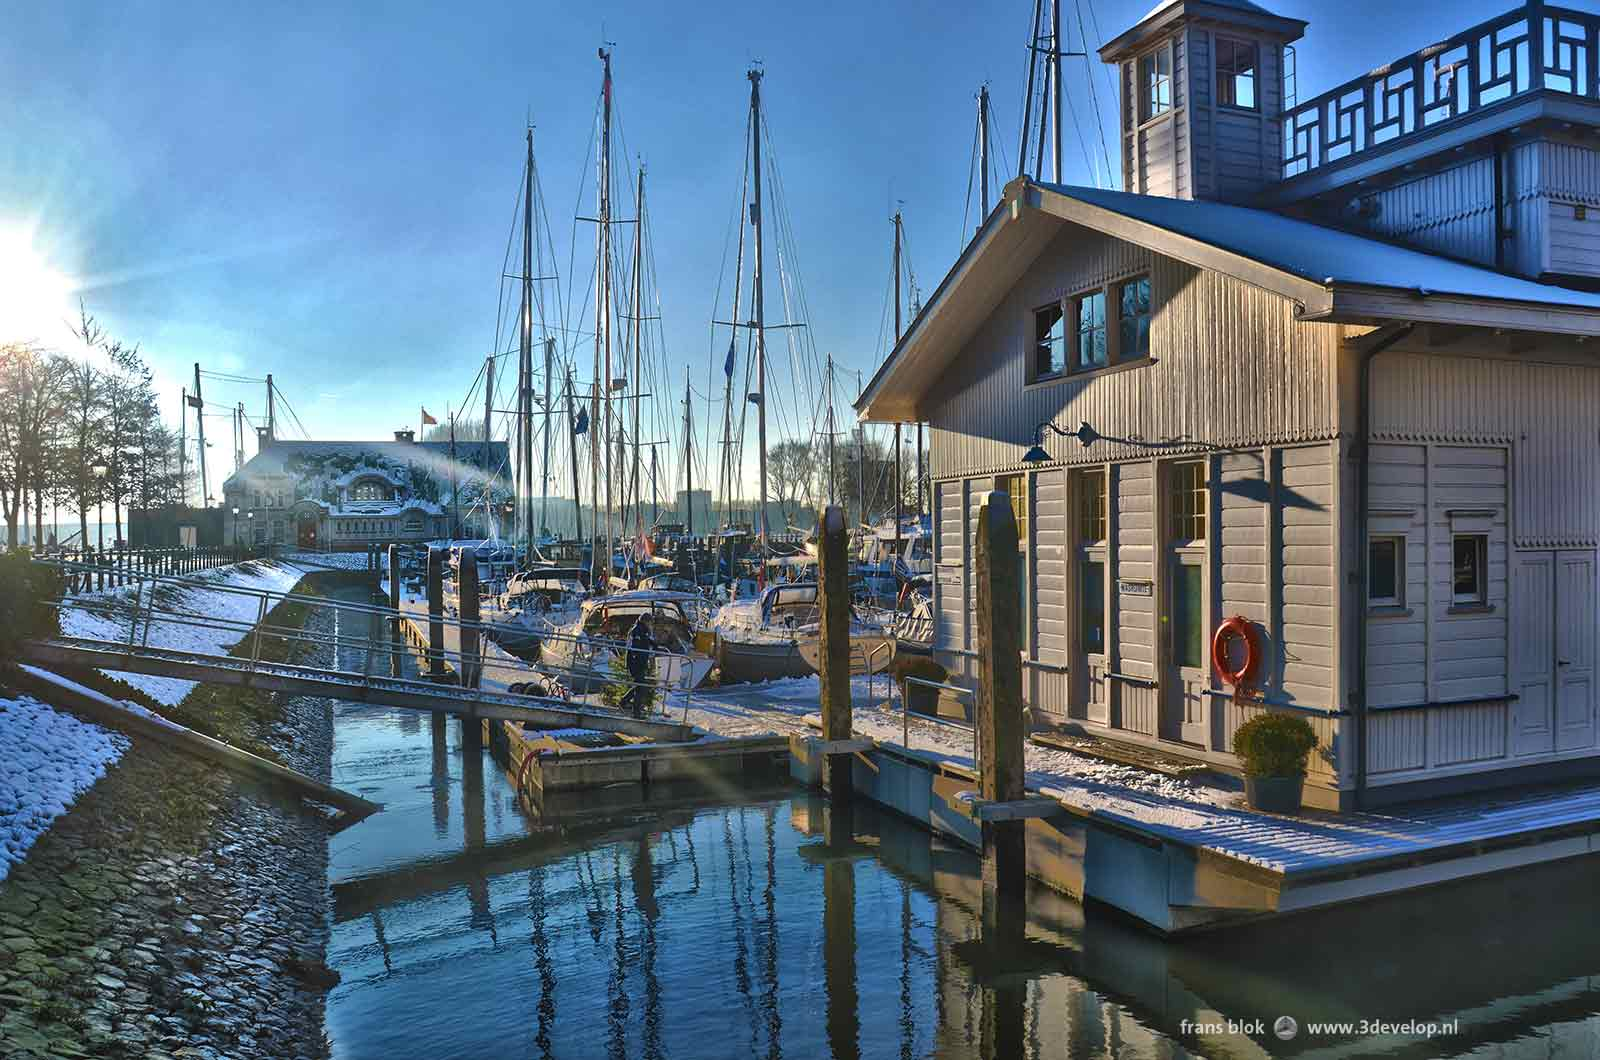 De Veerhaven in Rotterdam op een winterdag, met zeilboten en een drijvend houten havenkantoor